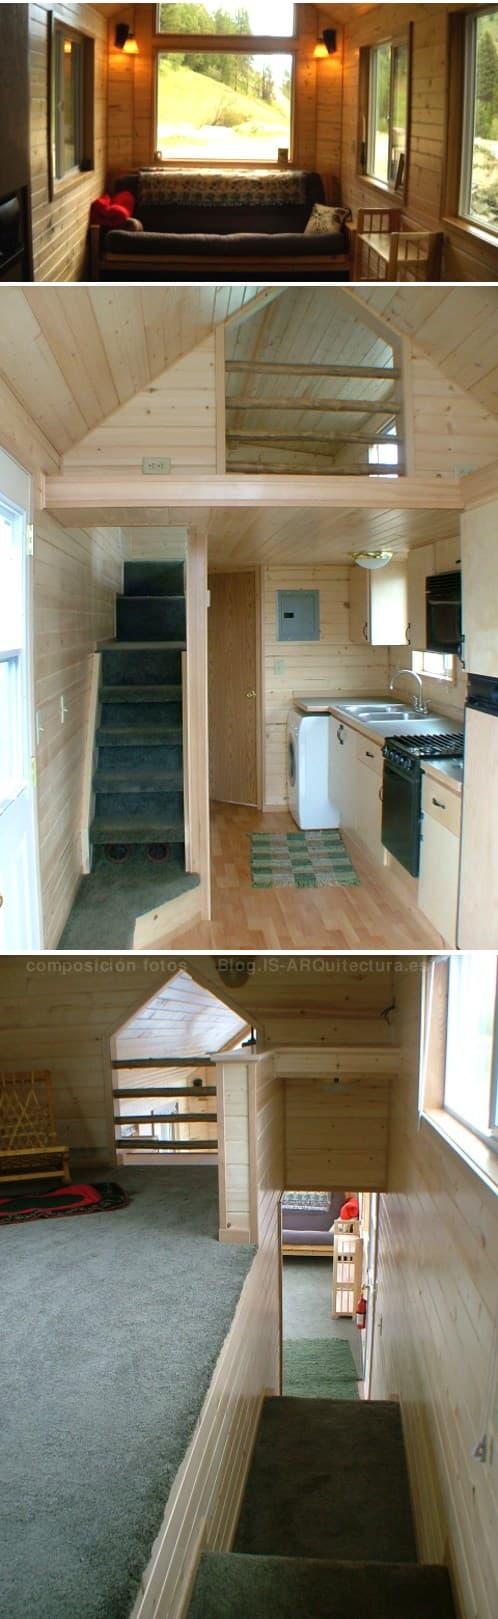 interior de una casa de madera portátil